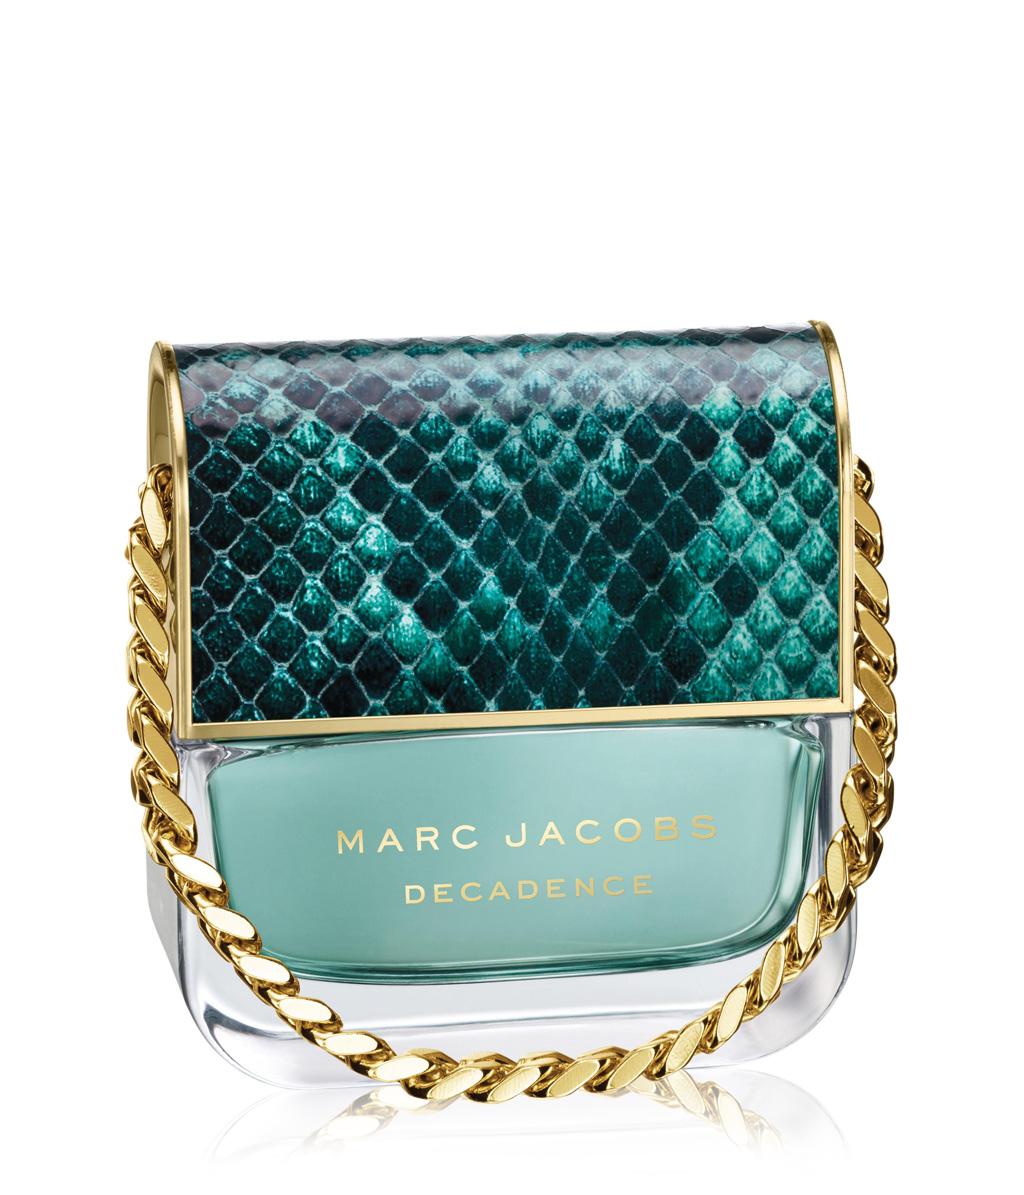 Marc Jacobs Divine Decadence 100ml Eau de Parfum für Damen für 69,95€, versandkostenfrei bei [Flaconi]